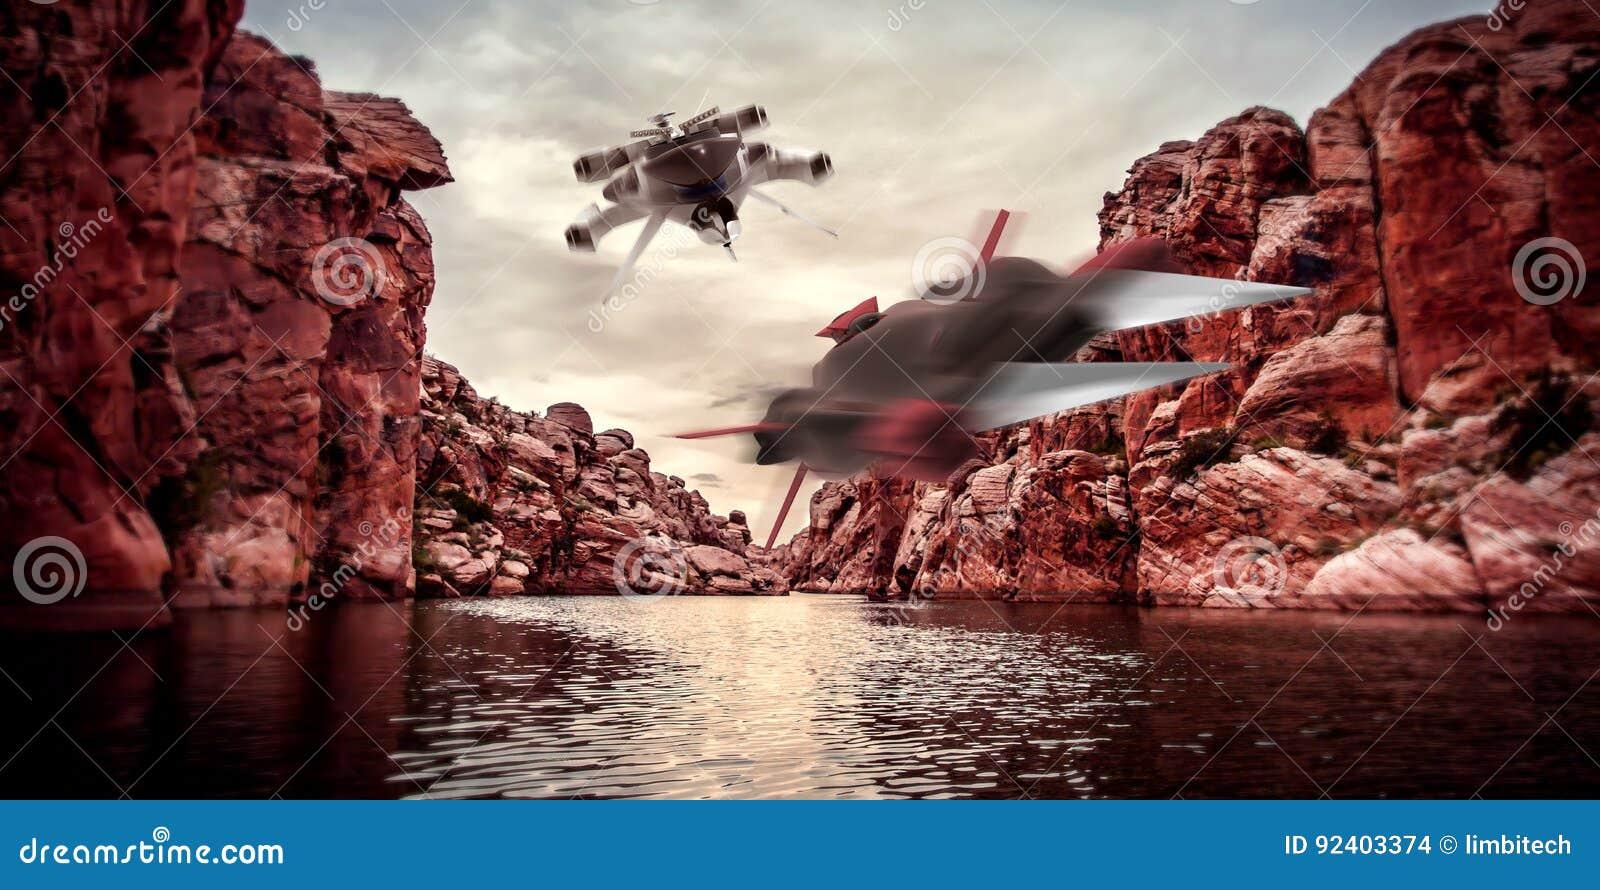 Illustration extrêmement détaillée et réaliste de la haute résolution 3D de deux vaisseaux spatiaux volant par des canyons sur un